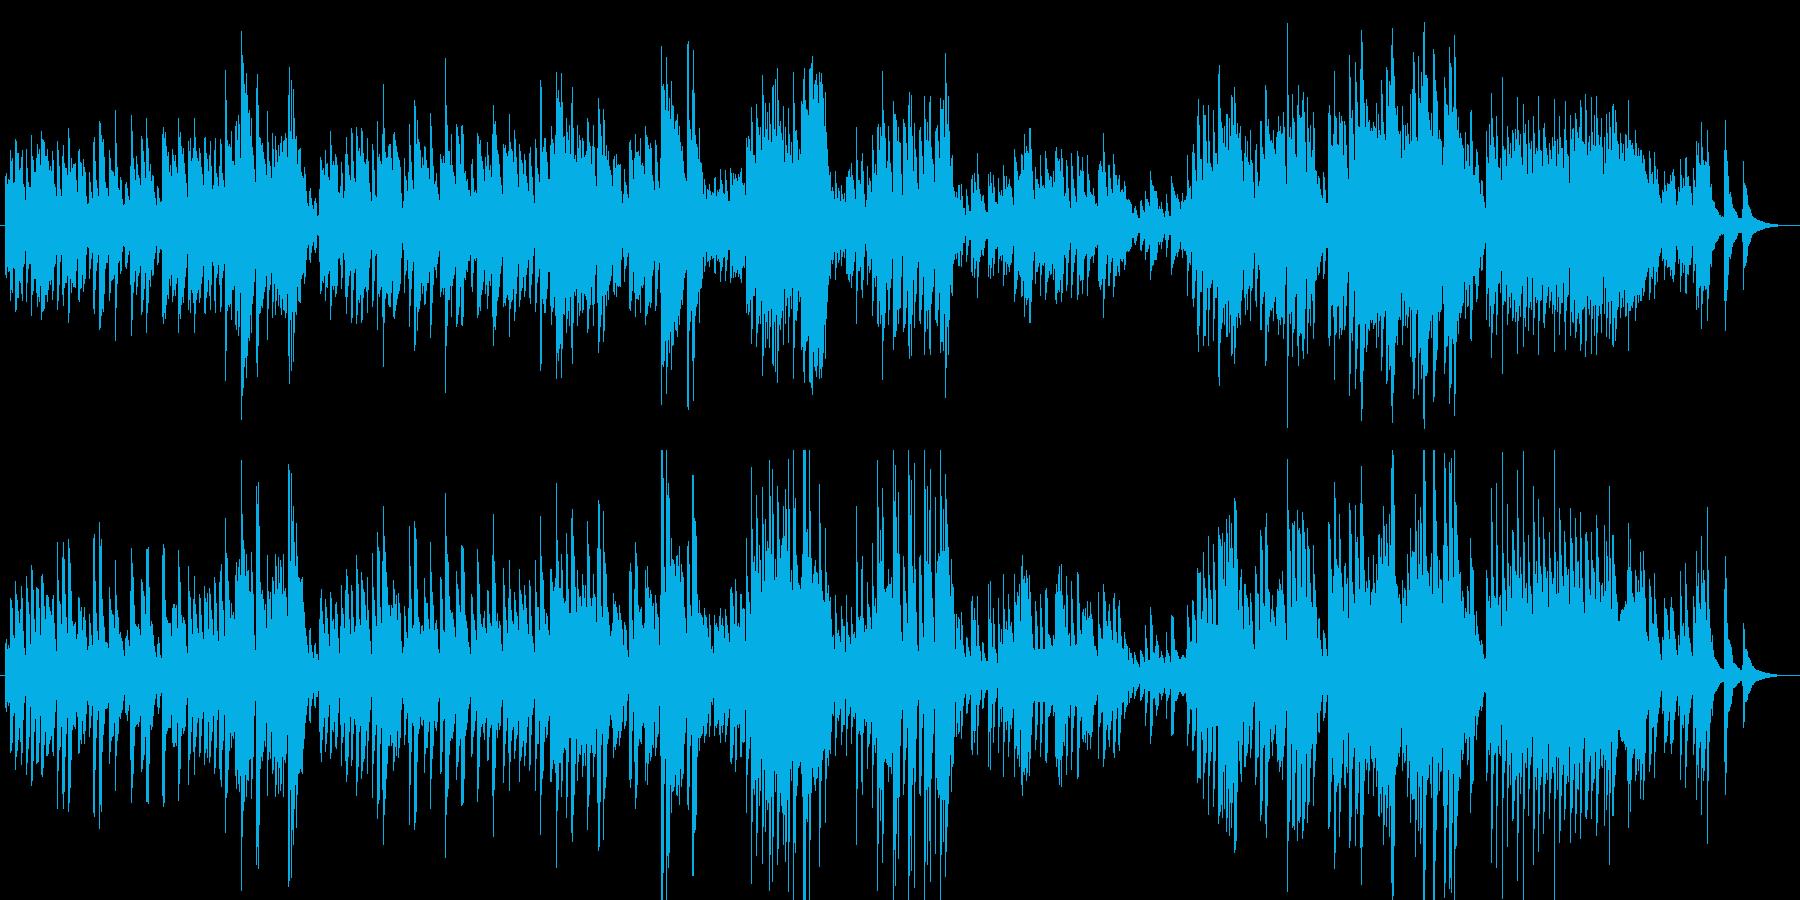 しっとりと揺らぐピアノサウンドの再生済みの波形